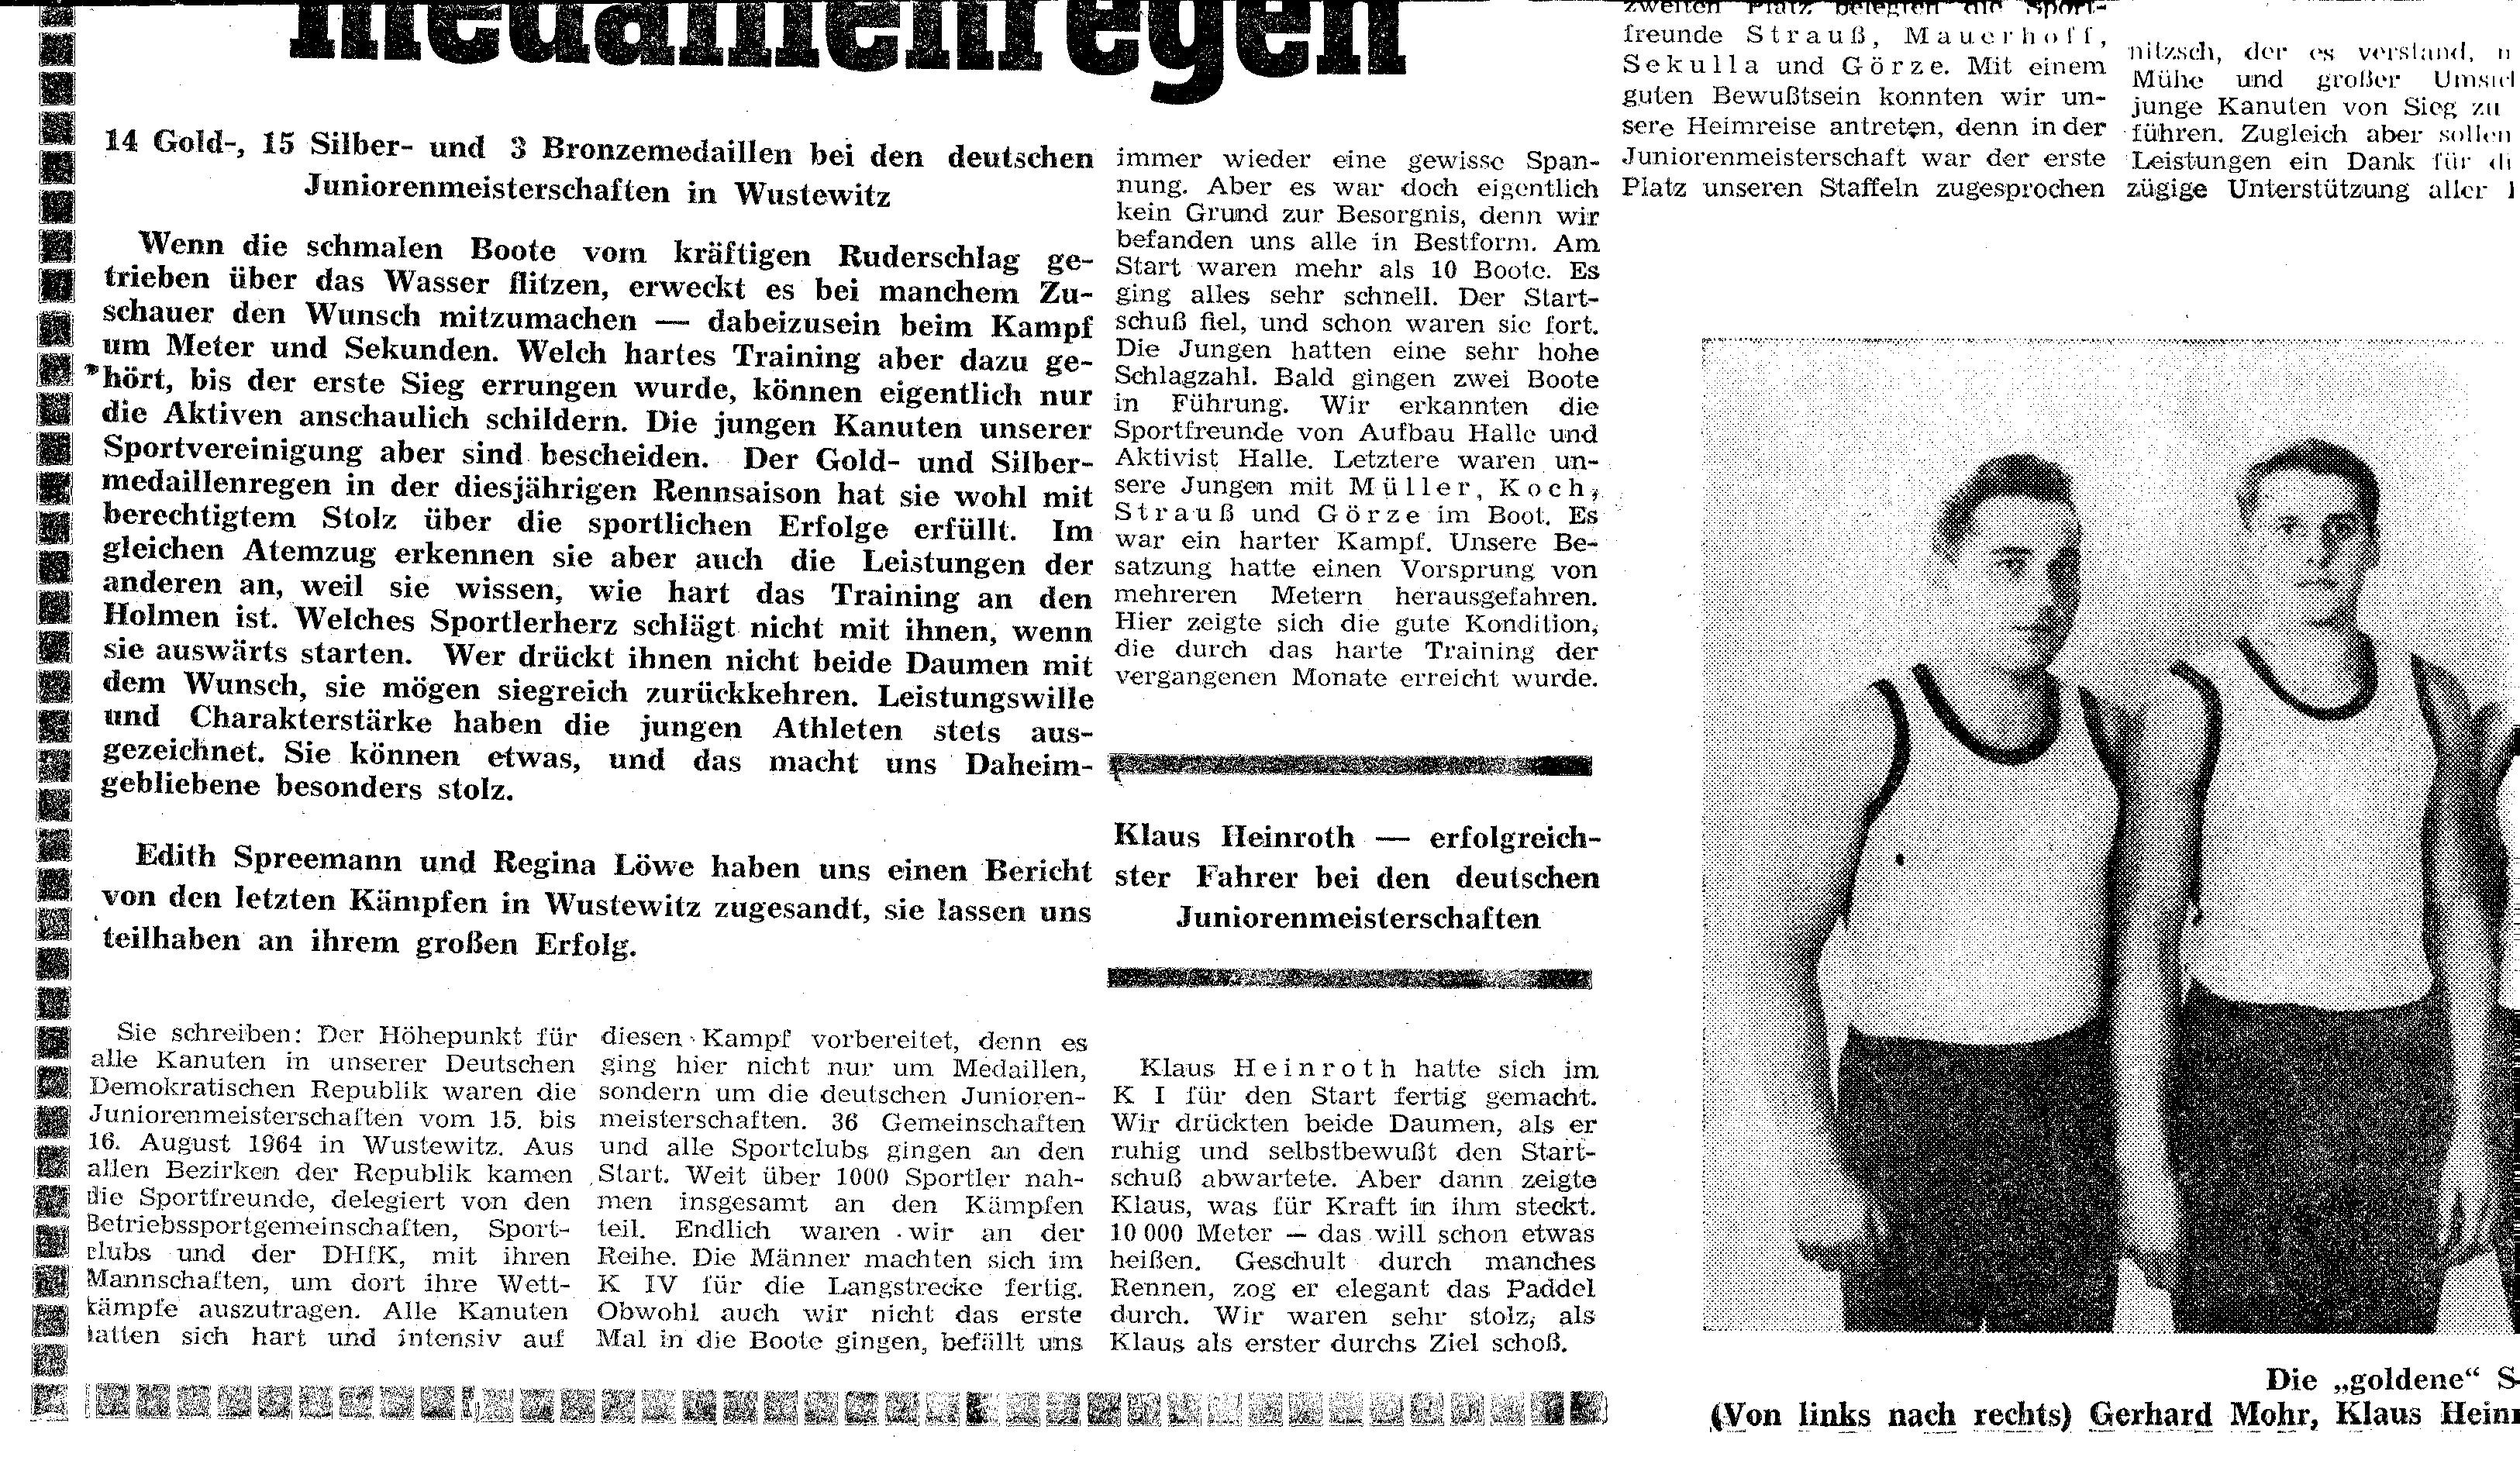 1964-08-16 JDM Wusterwitz- Ein Gold-und Silber-medaillenregen (2)